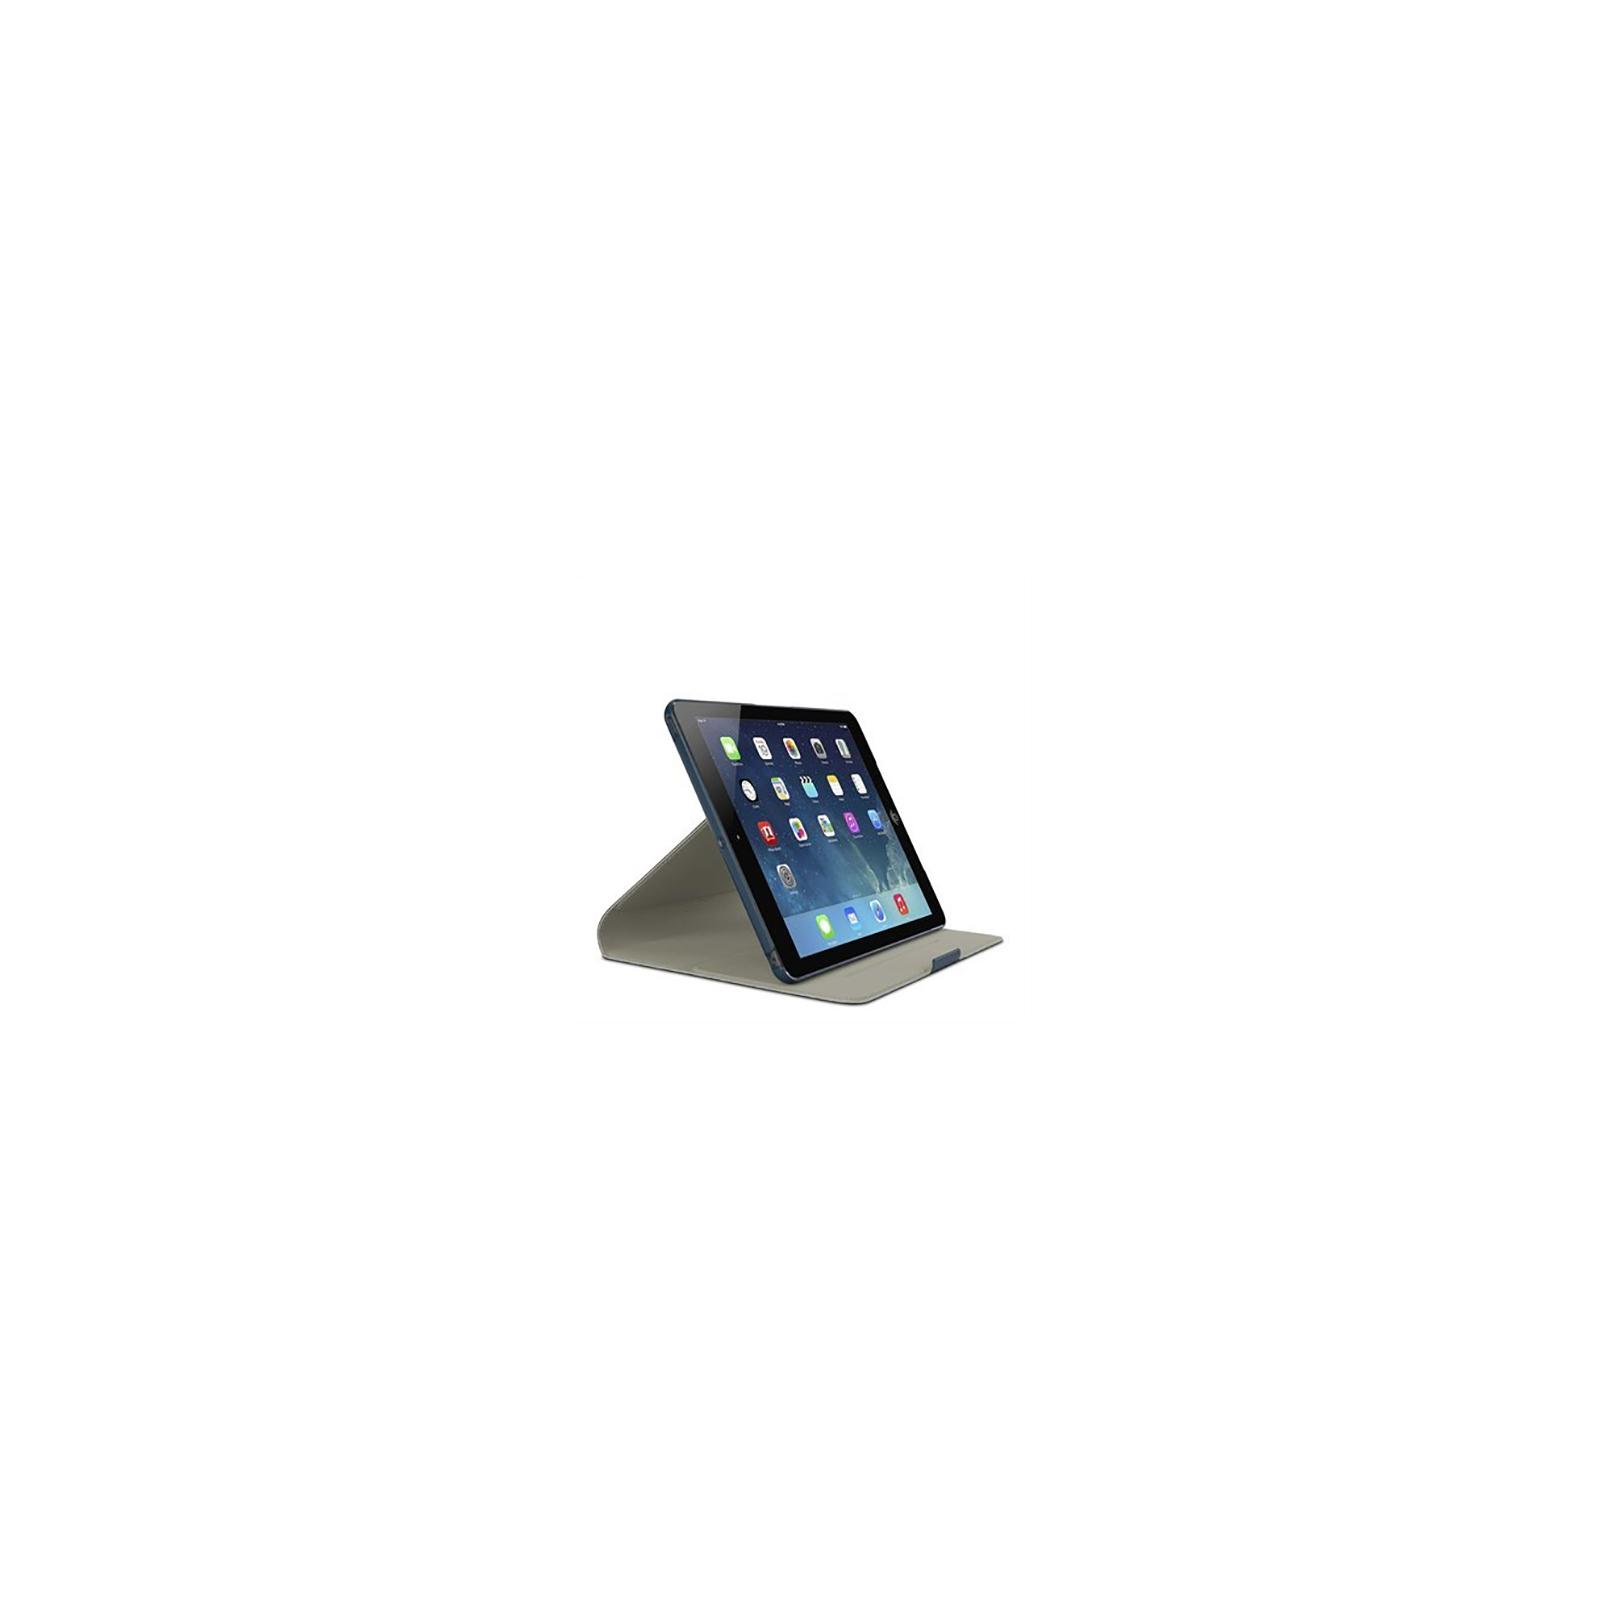 Чехол для планшета Belkin iPad Air Slate FreeStyle Cover (F7N100B2C01) изображение 4